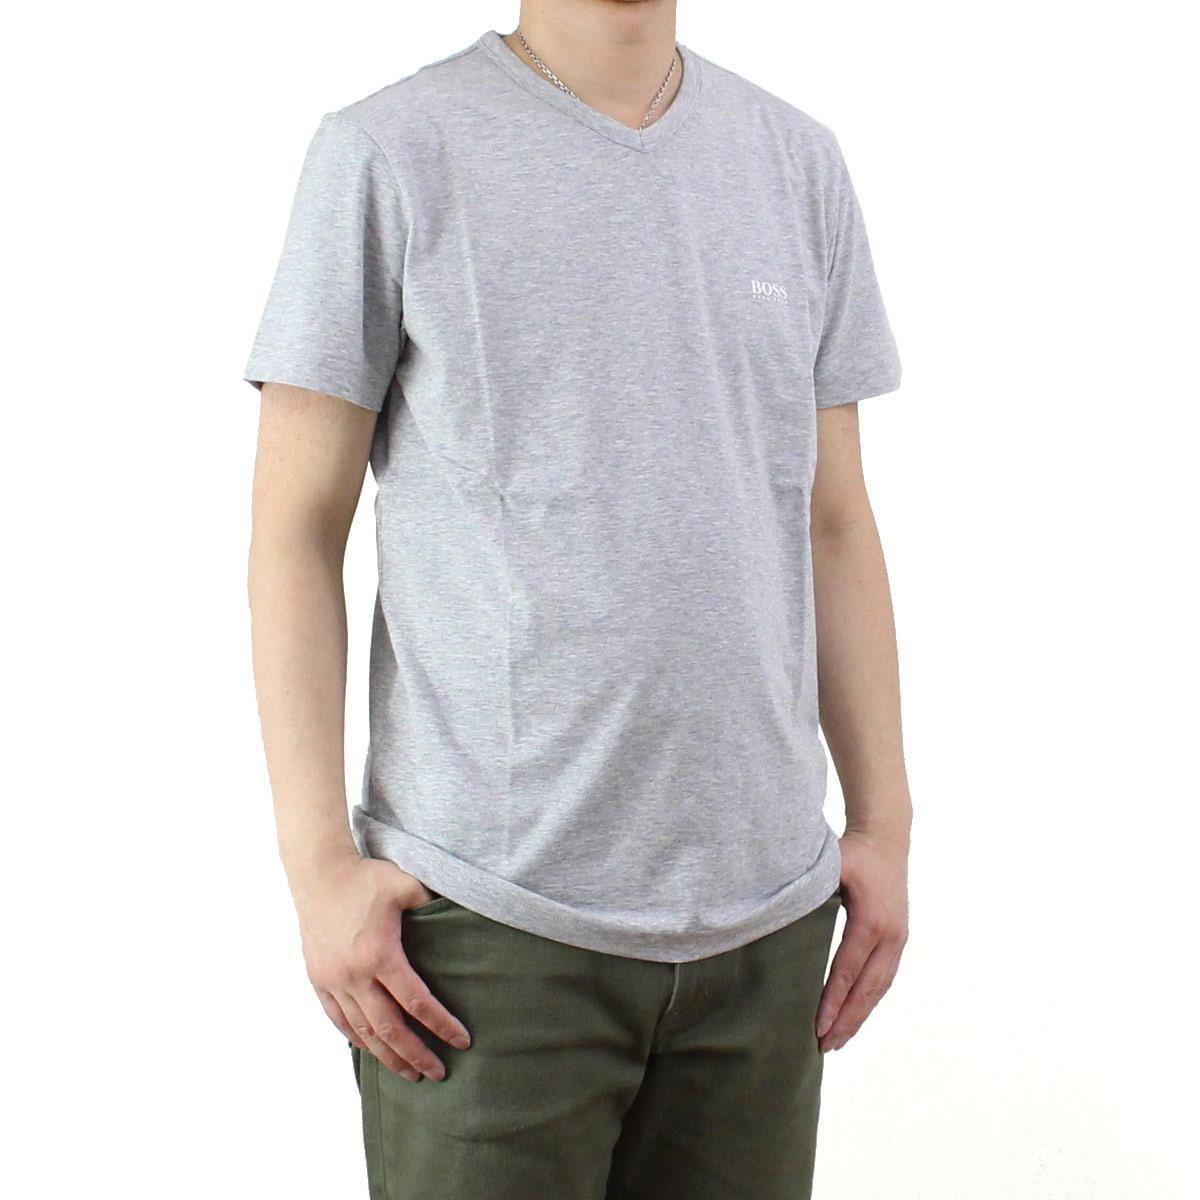 ヒューゴ・ボス (HUGO BOSS) TEEVN メンズ Vネック Tシャツ 50271056 10106415 059 グレー系 サイズ(#L)